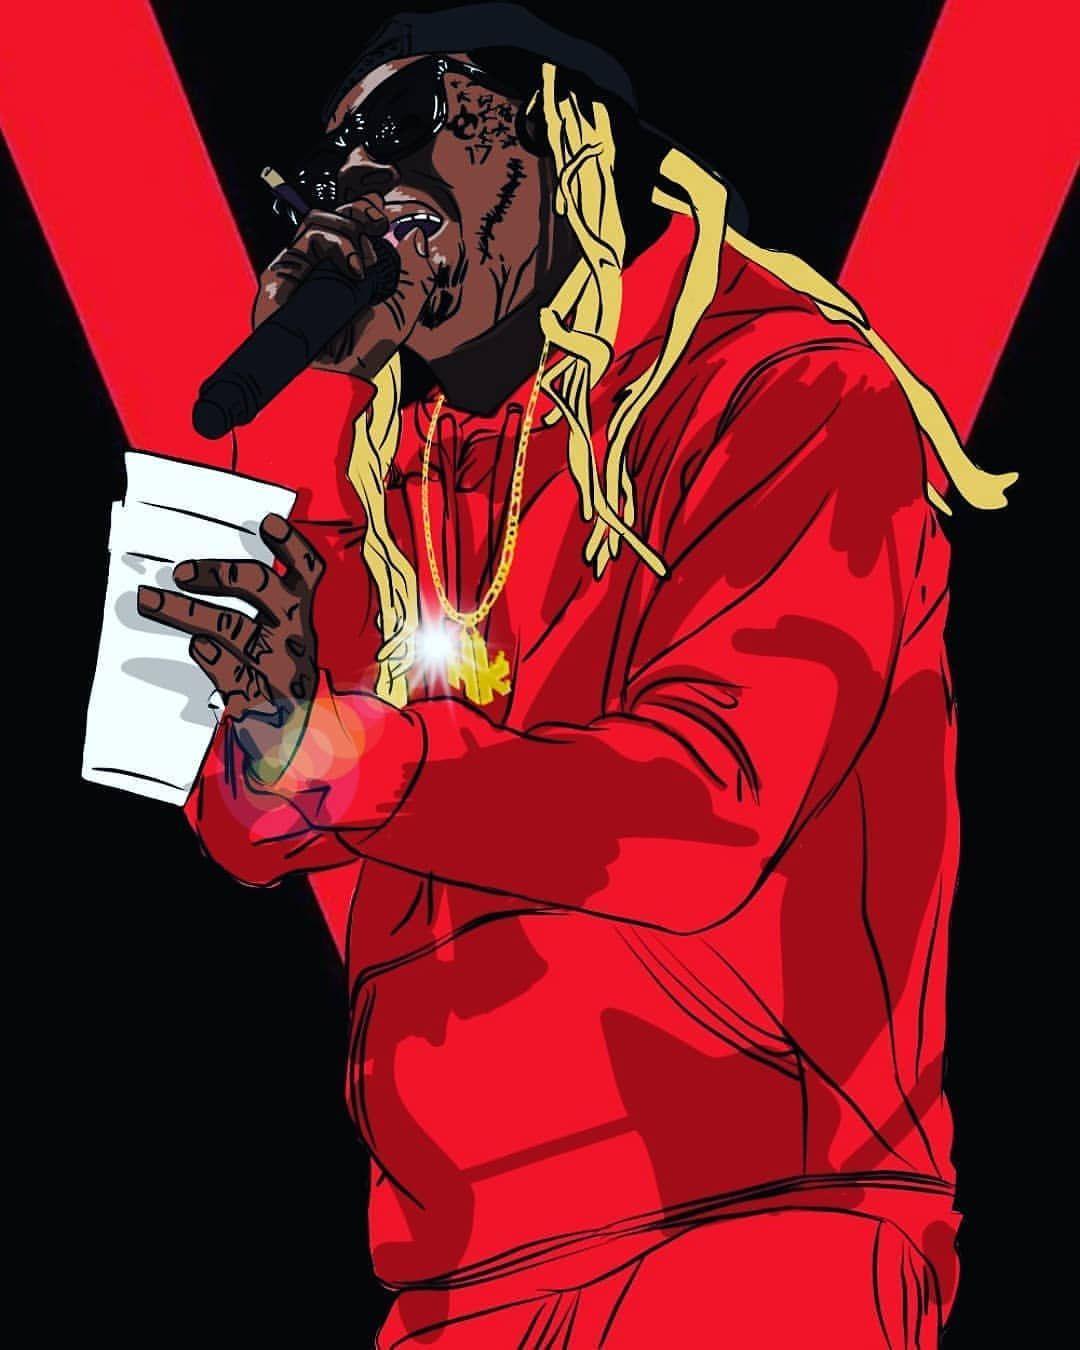 Pin On Lil Wayne